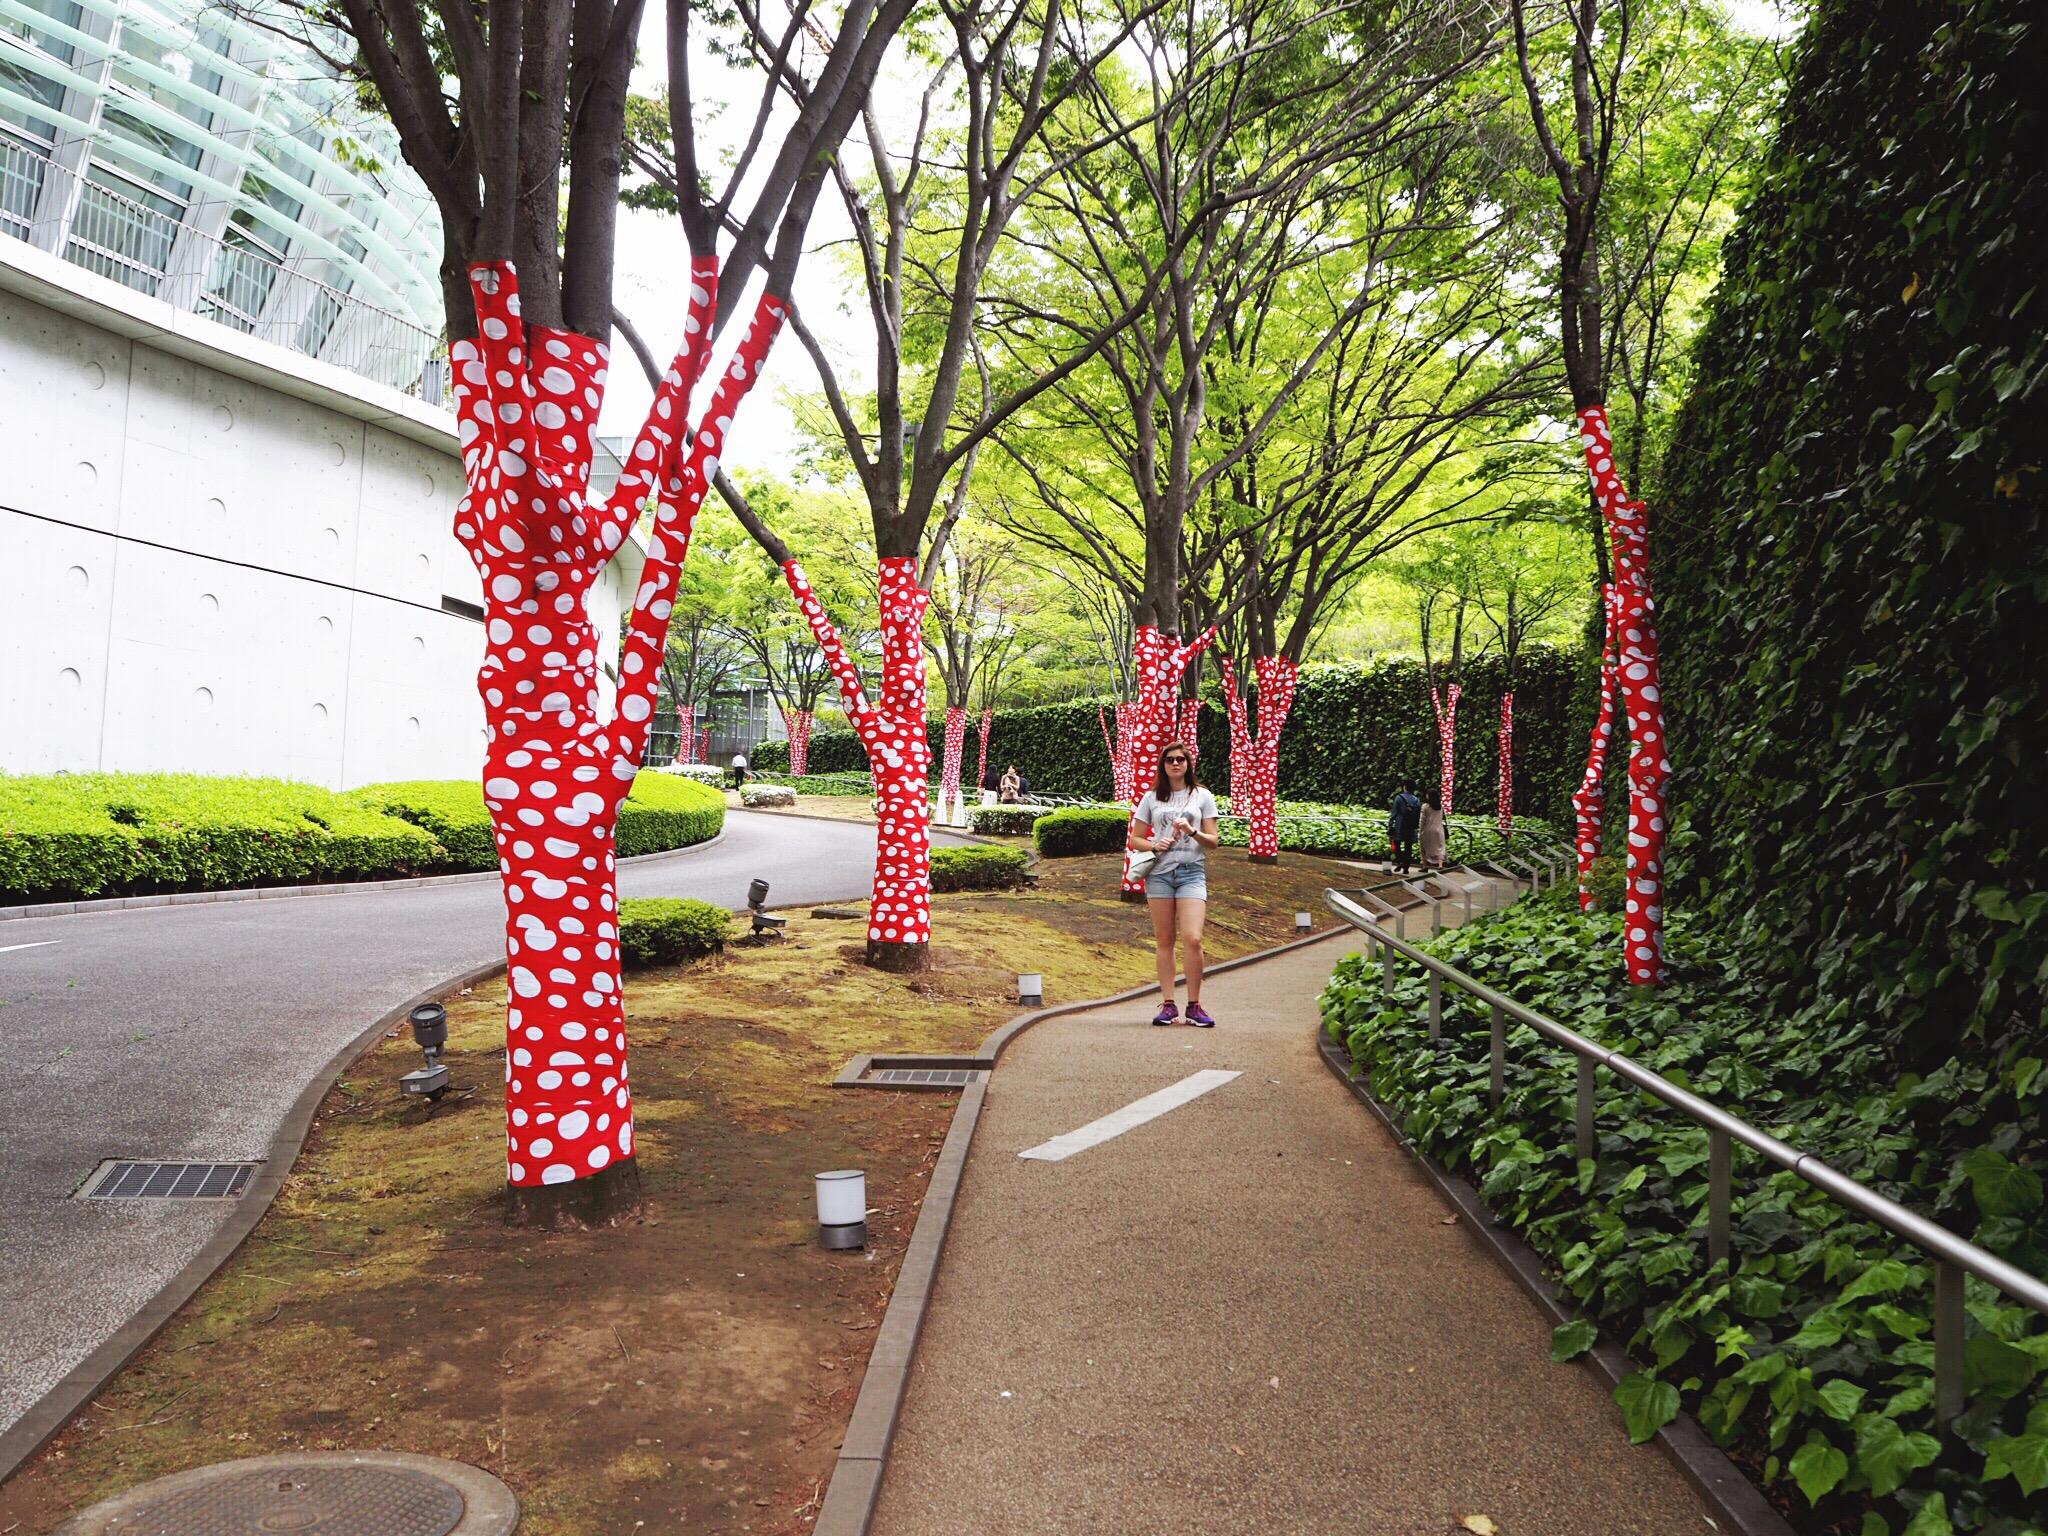 Wrapped trees for the Yayoi Kusama exhibit